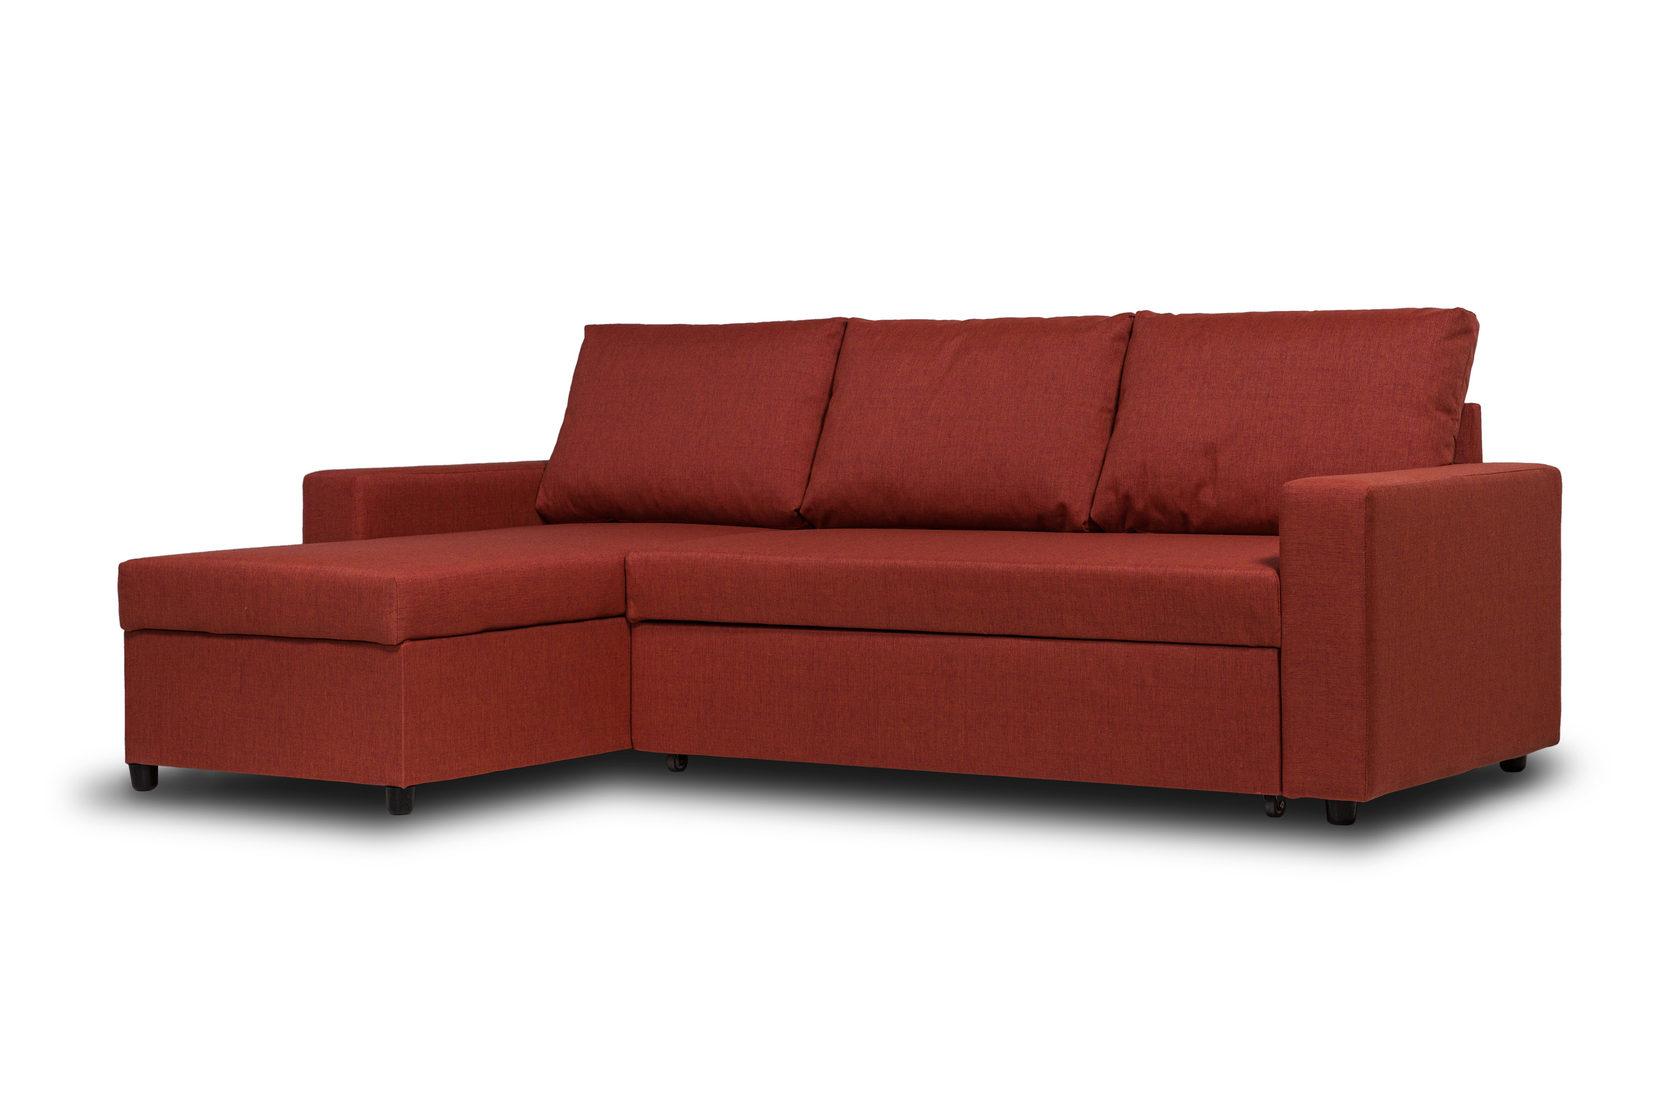 Диван-кровать Divan24 Дуглас, терракотовый